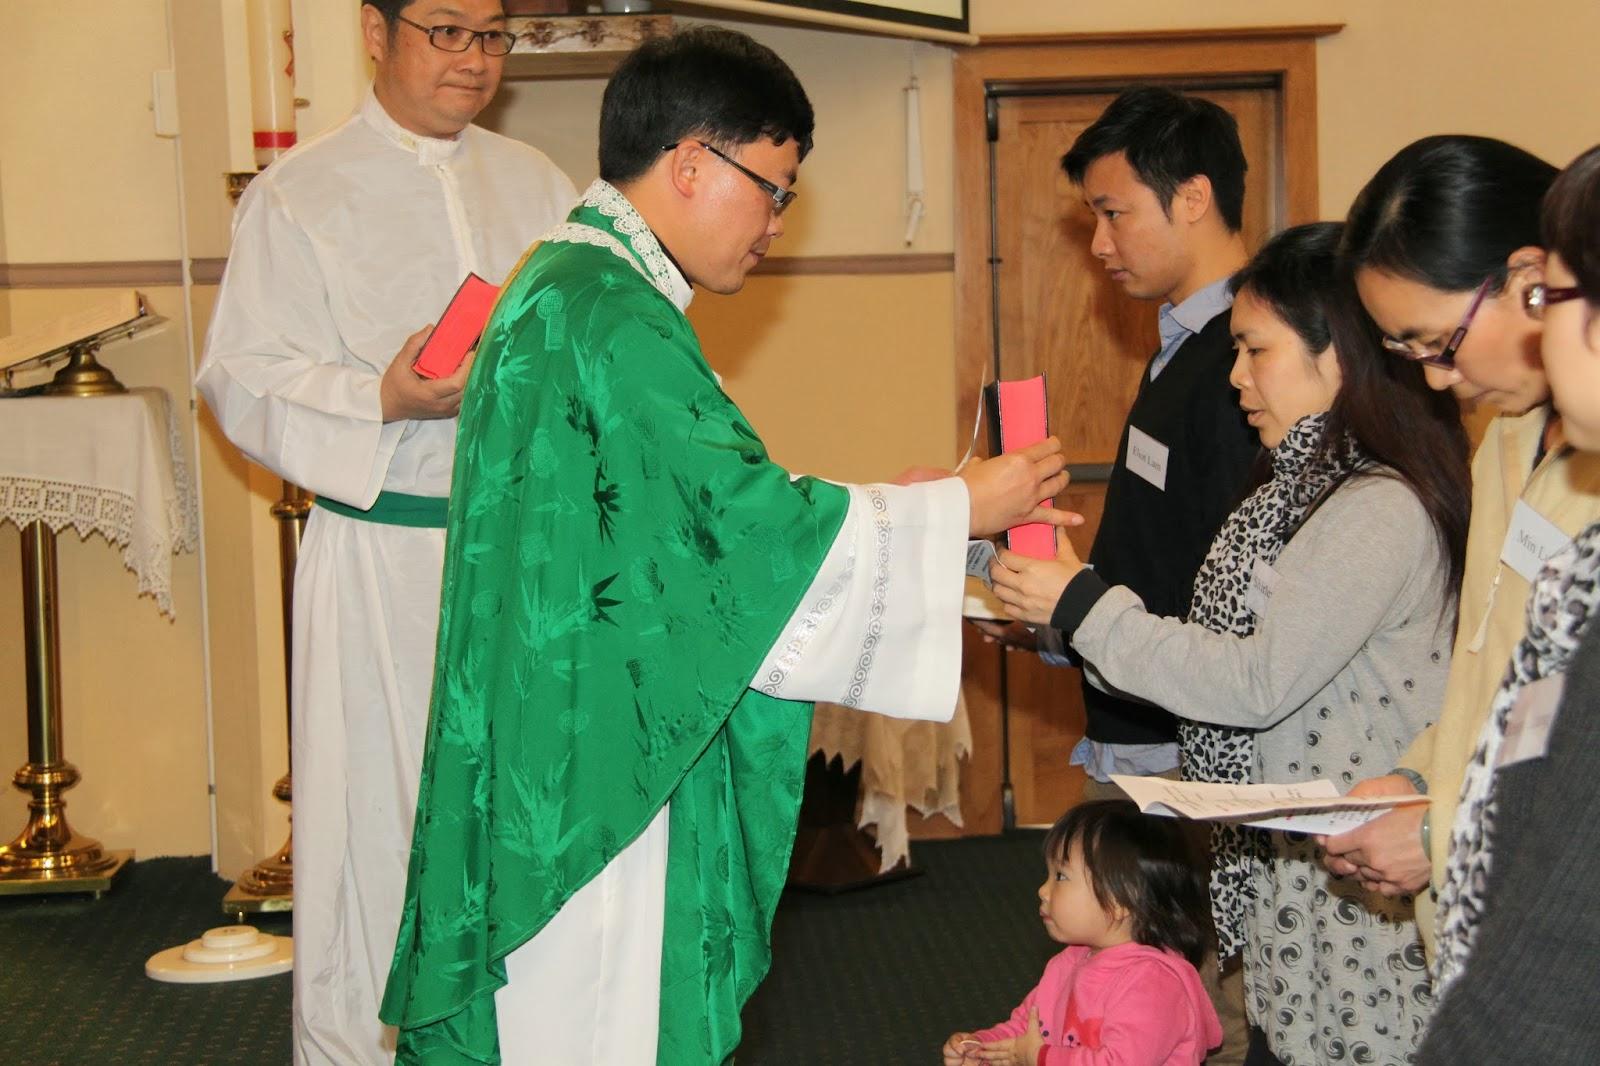 聖彌額爾堂 好市圍華人教友團 St Michael's Cantonese Group: 2013 - 2014 年度成人慕道班收錄禮 (1)